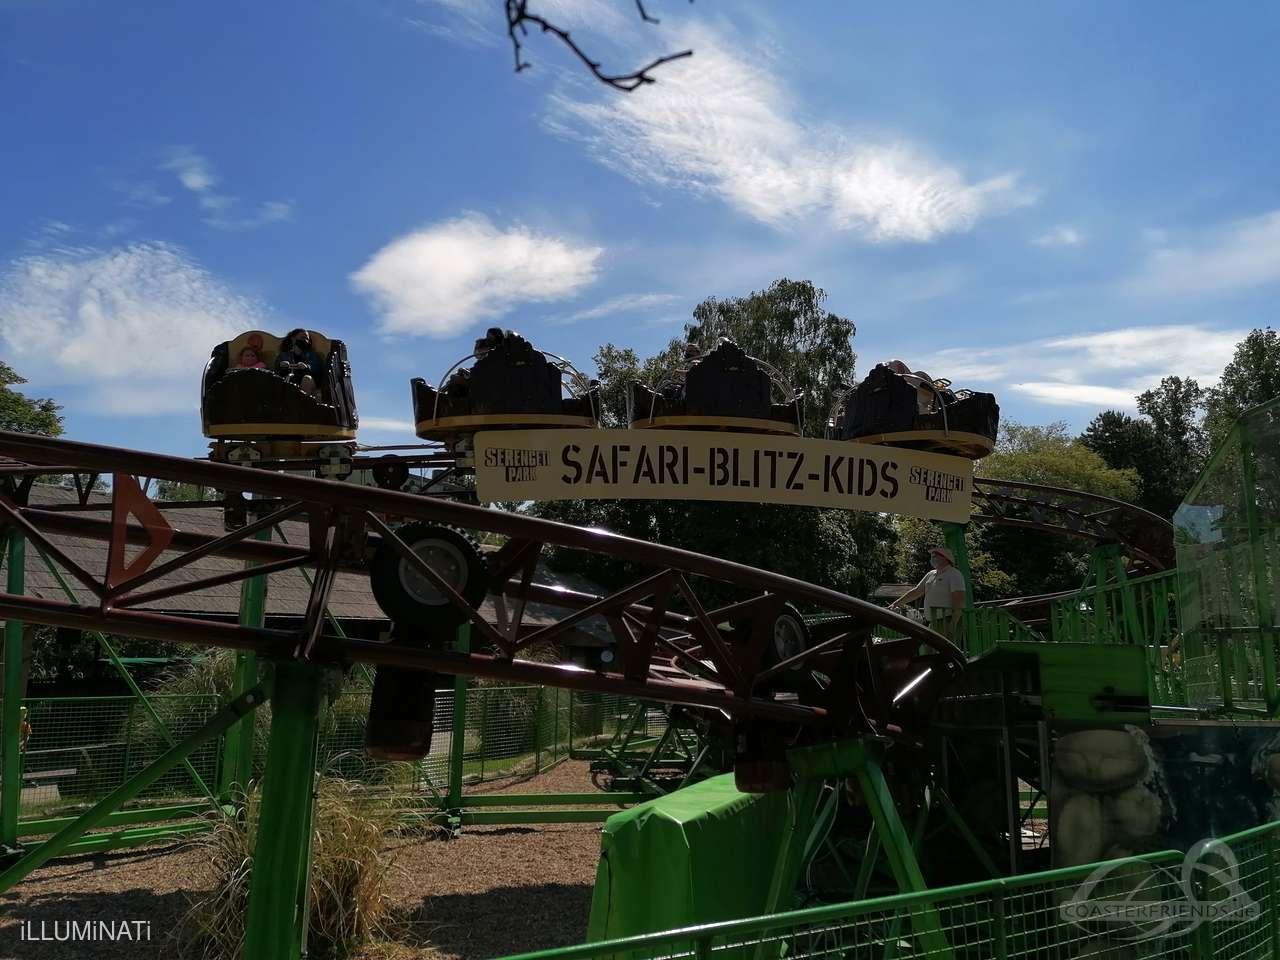 Safari-Blitz-Kids im Park Serengeti Park Impressionen